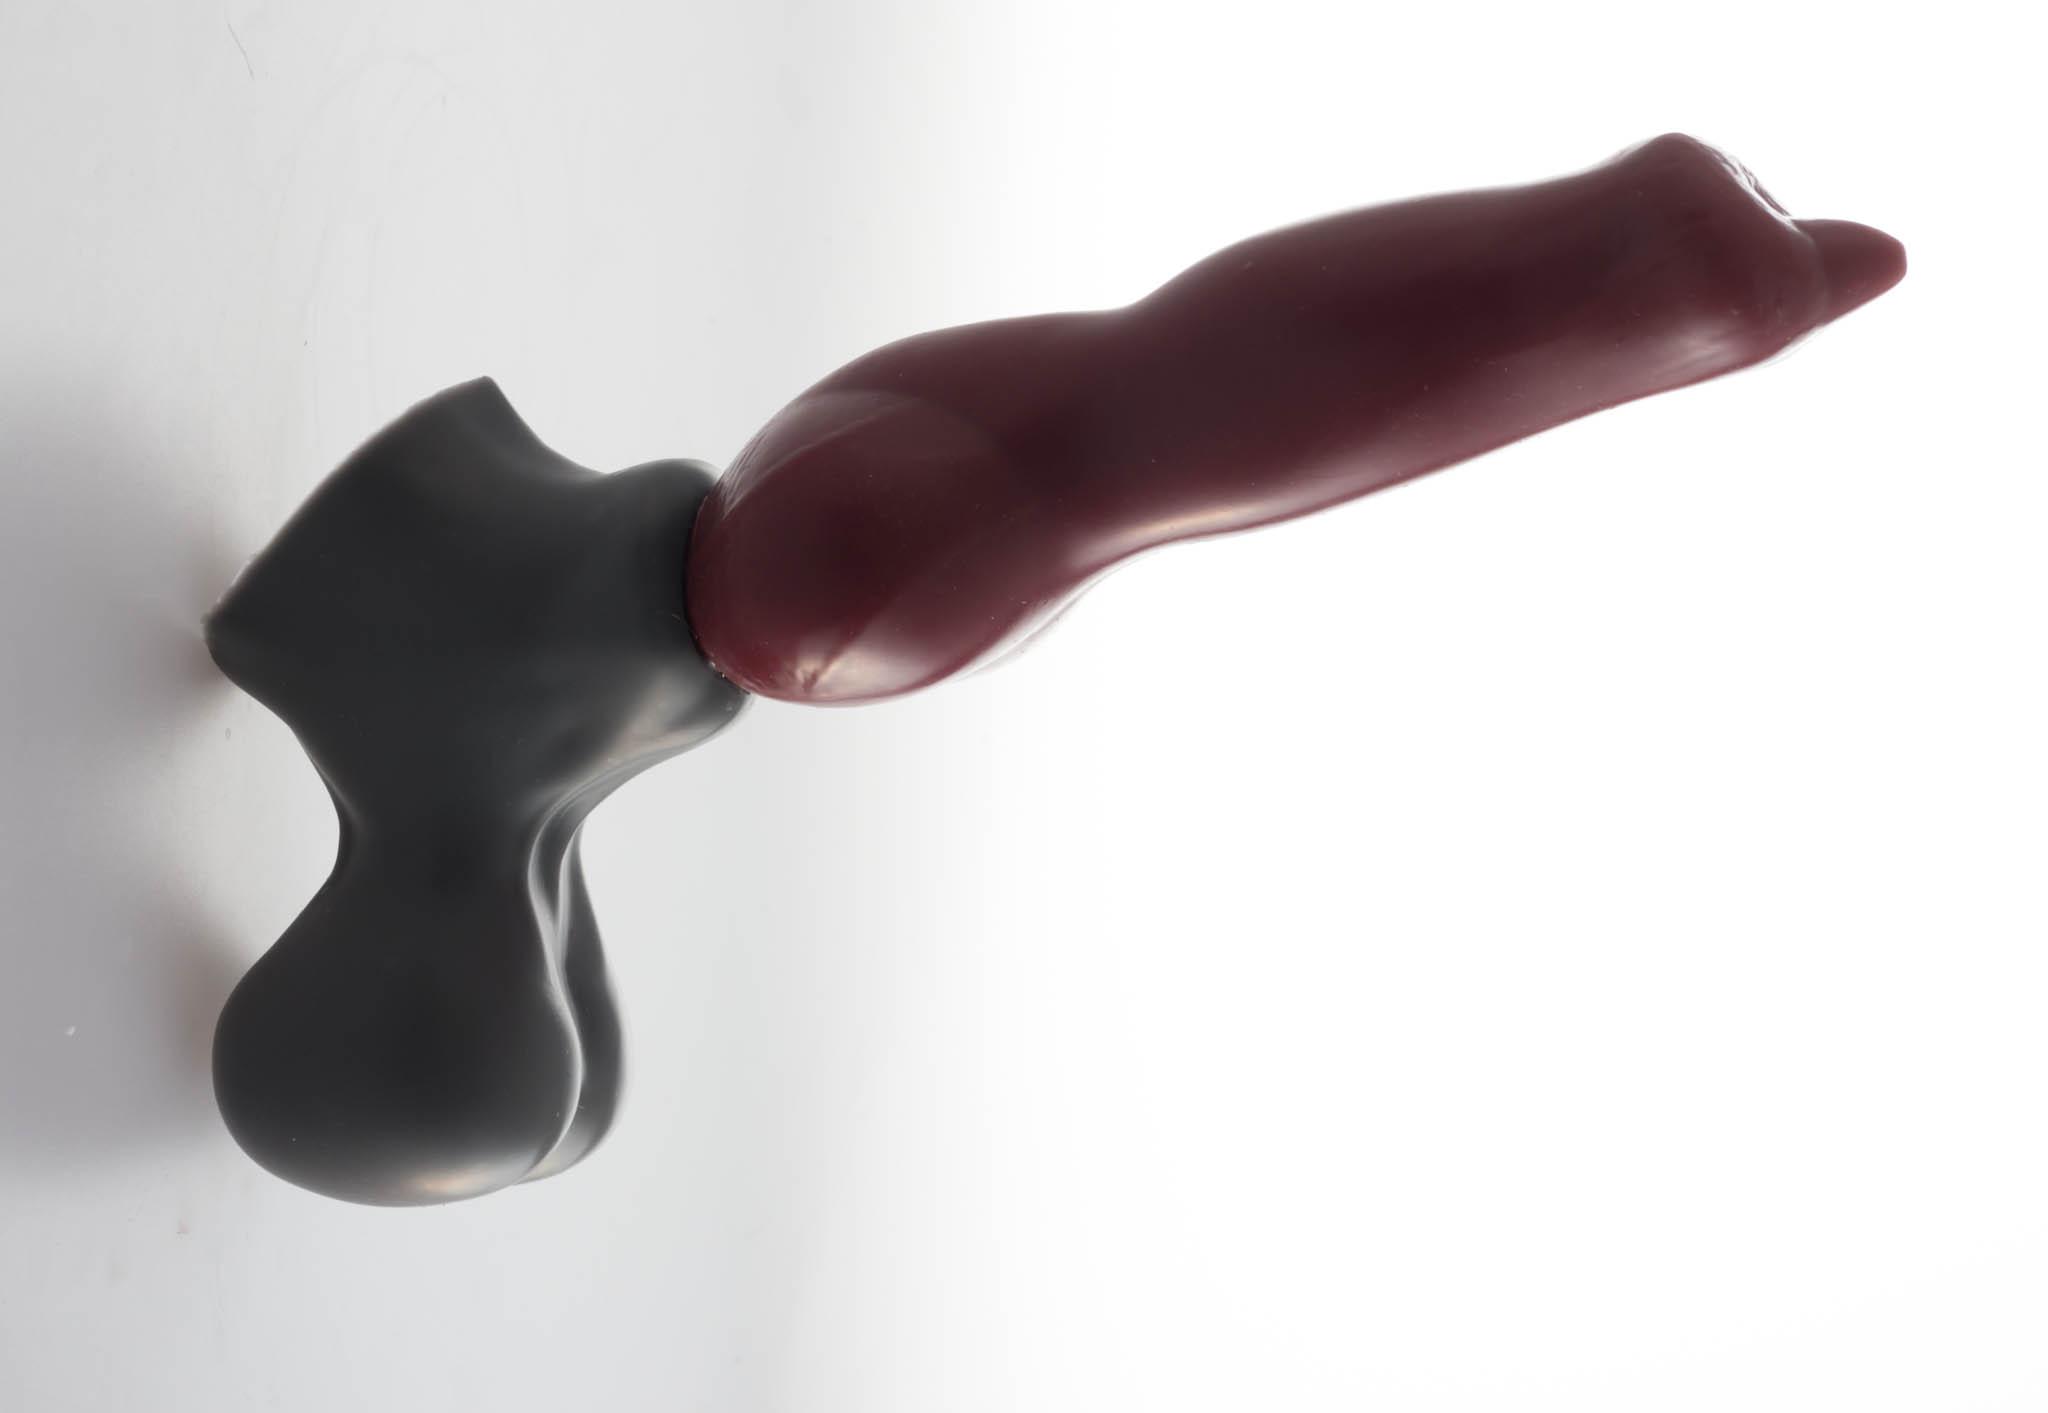 Custom made dildo